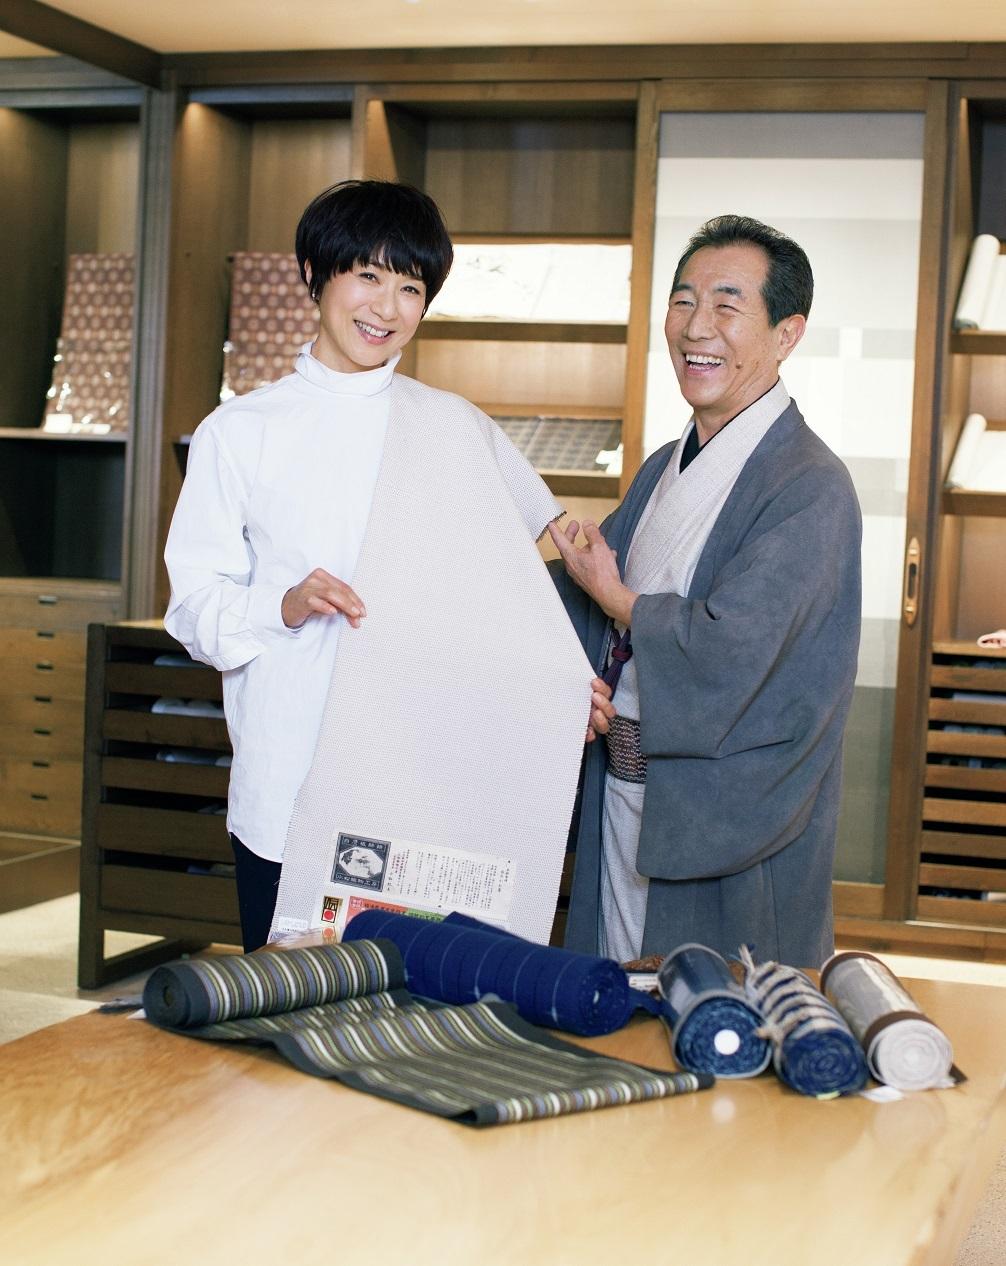 「銀座もとじ」さんで、黒田知永子さんの着物トーク会を開催!_1_1